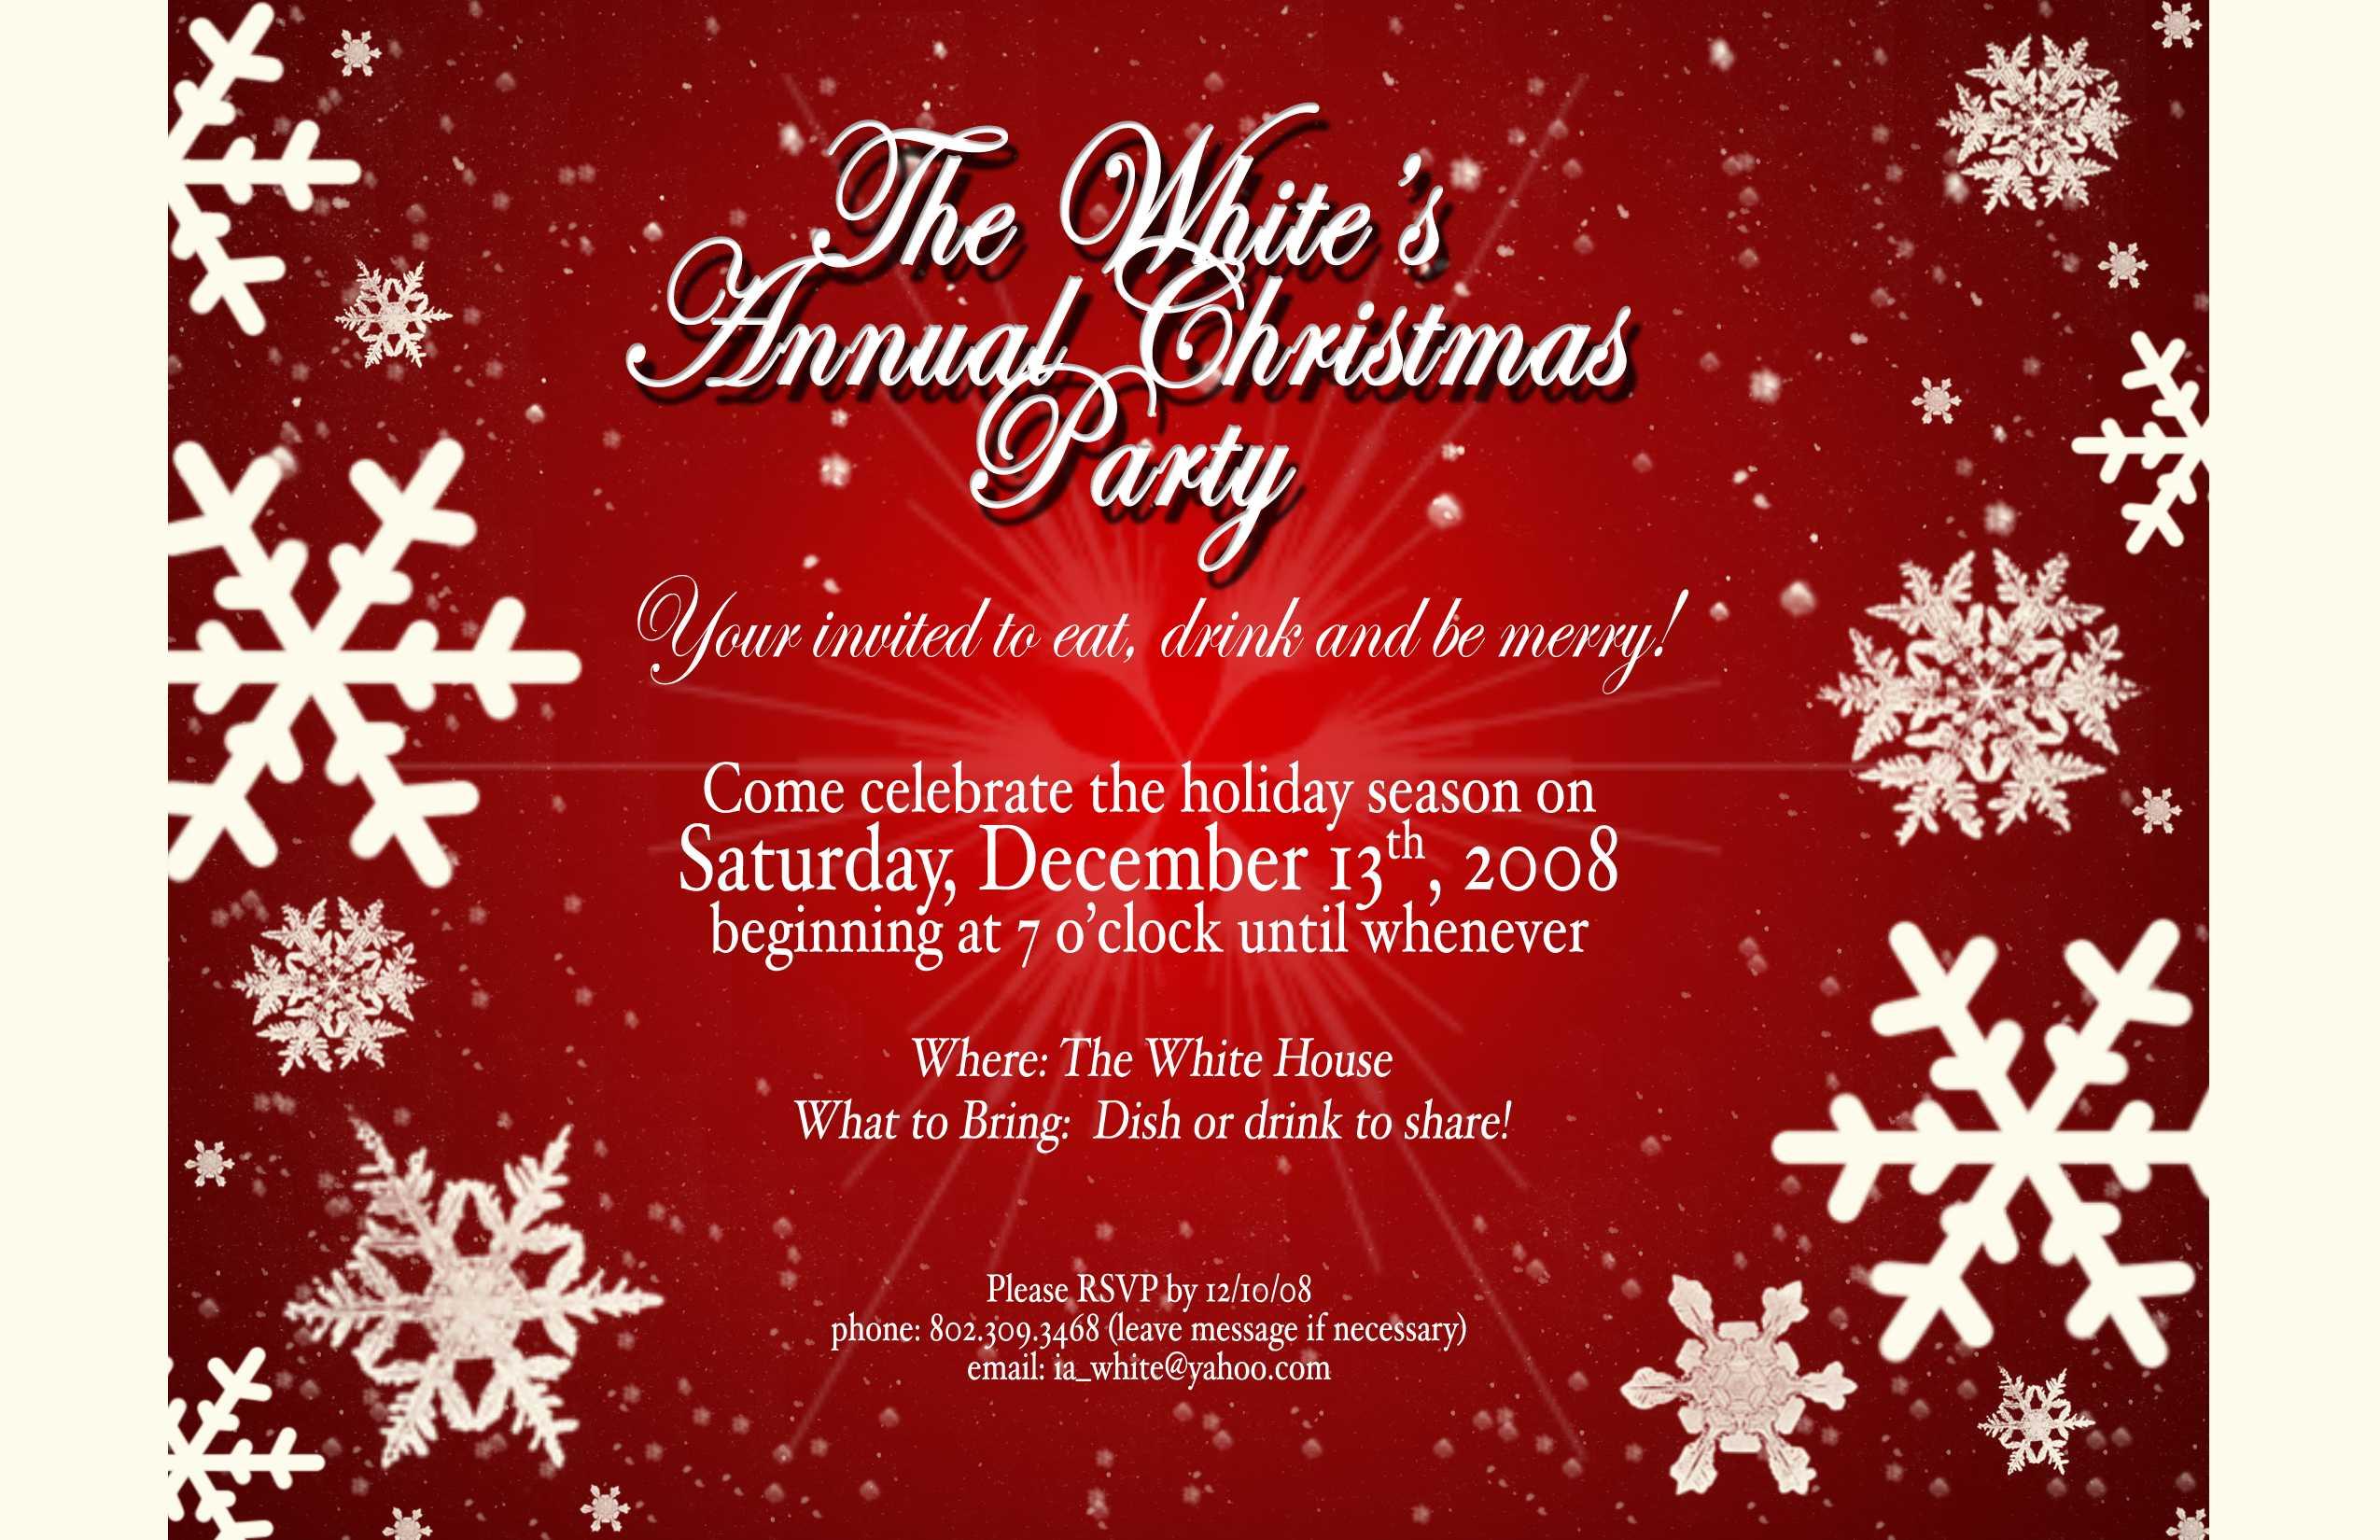 Word Christmas Card Template Doc 585595 Christmas Invitation With Regard To Free Christmas Invitation Templates For Word